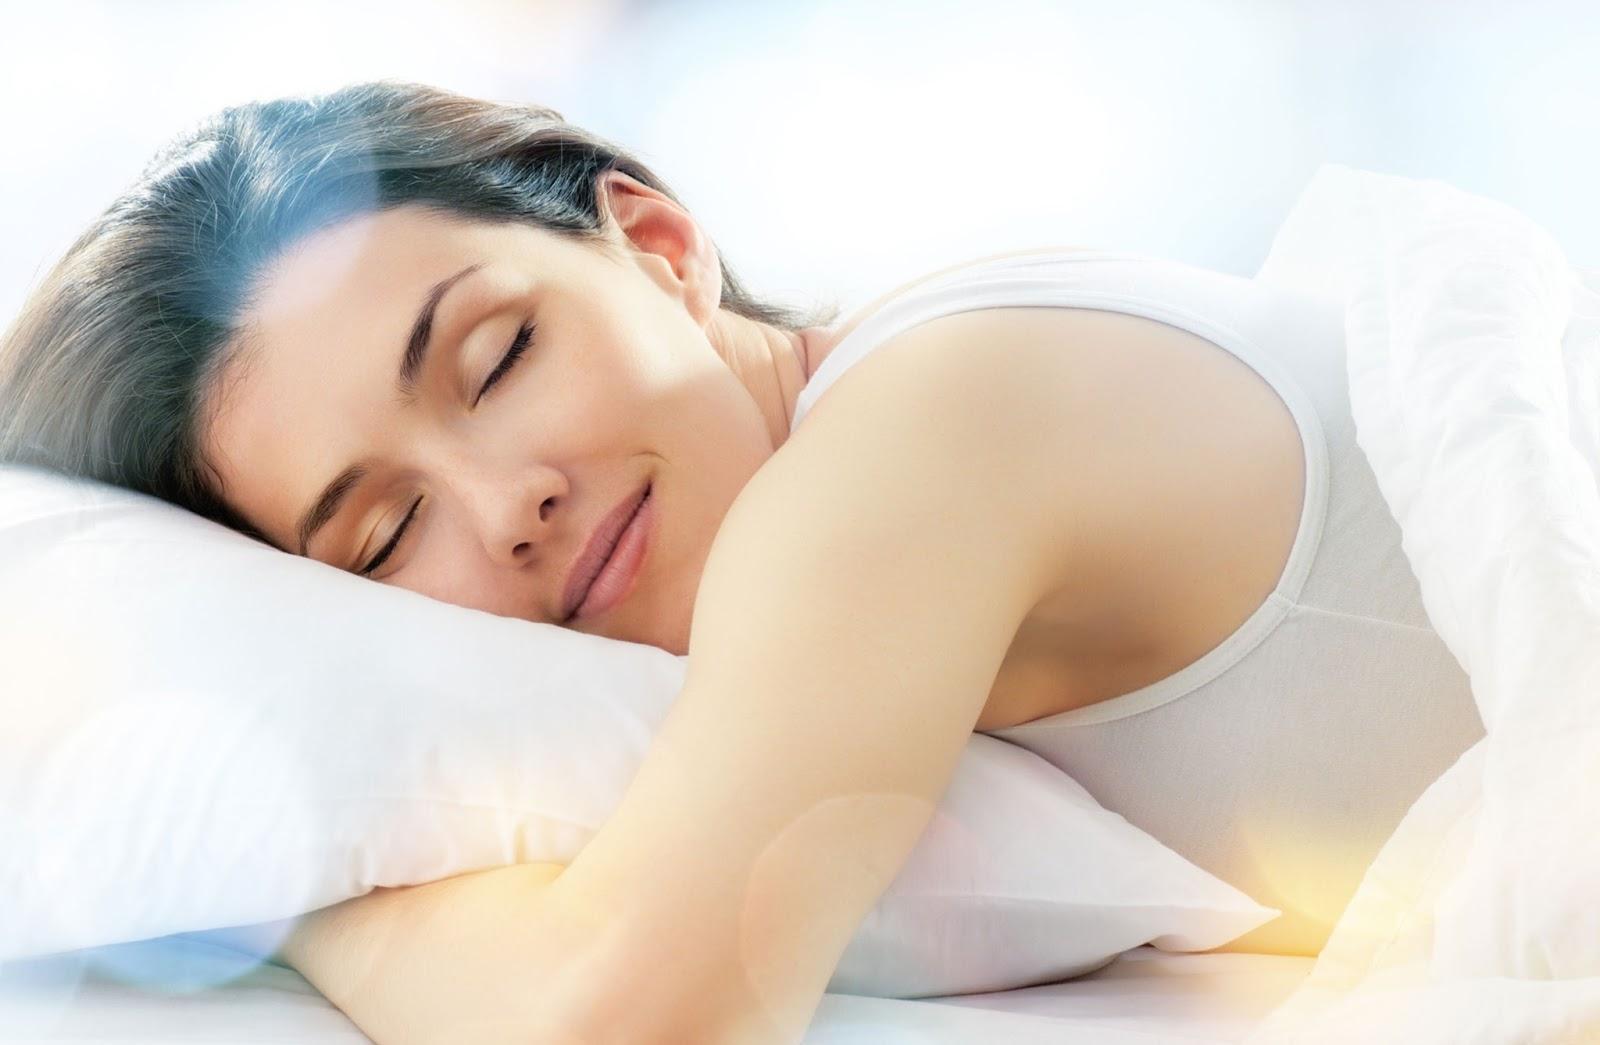 O que Deus está fazendo enquanto você está dormindo